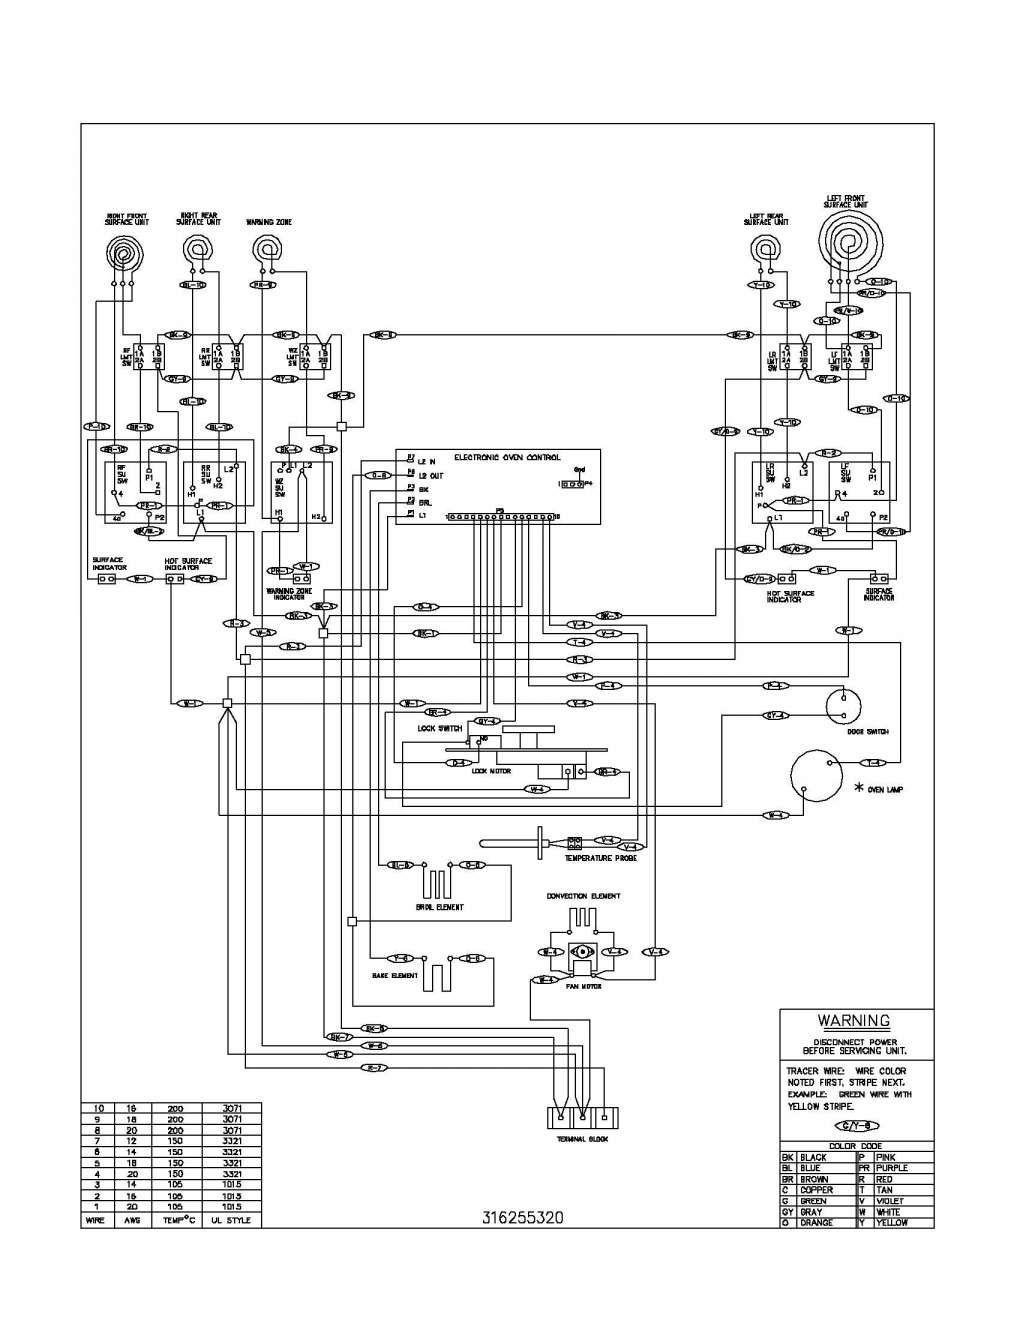 Pin on Wiring DiagramPinterest